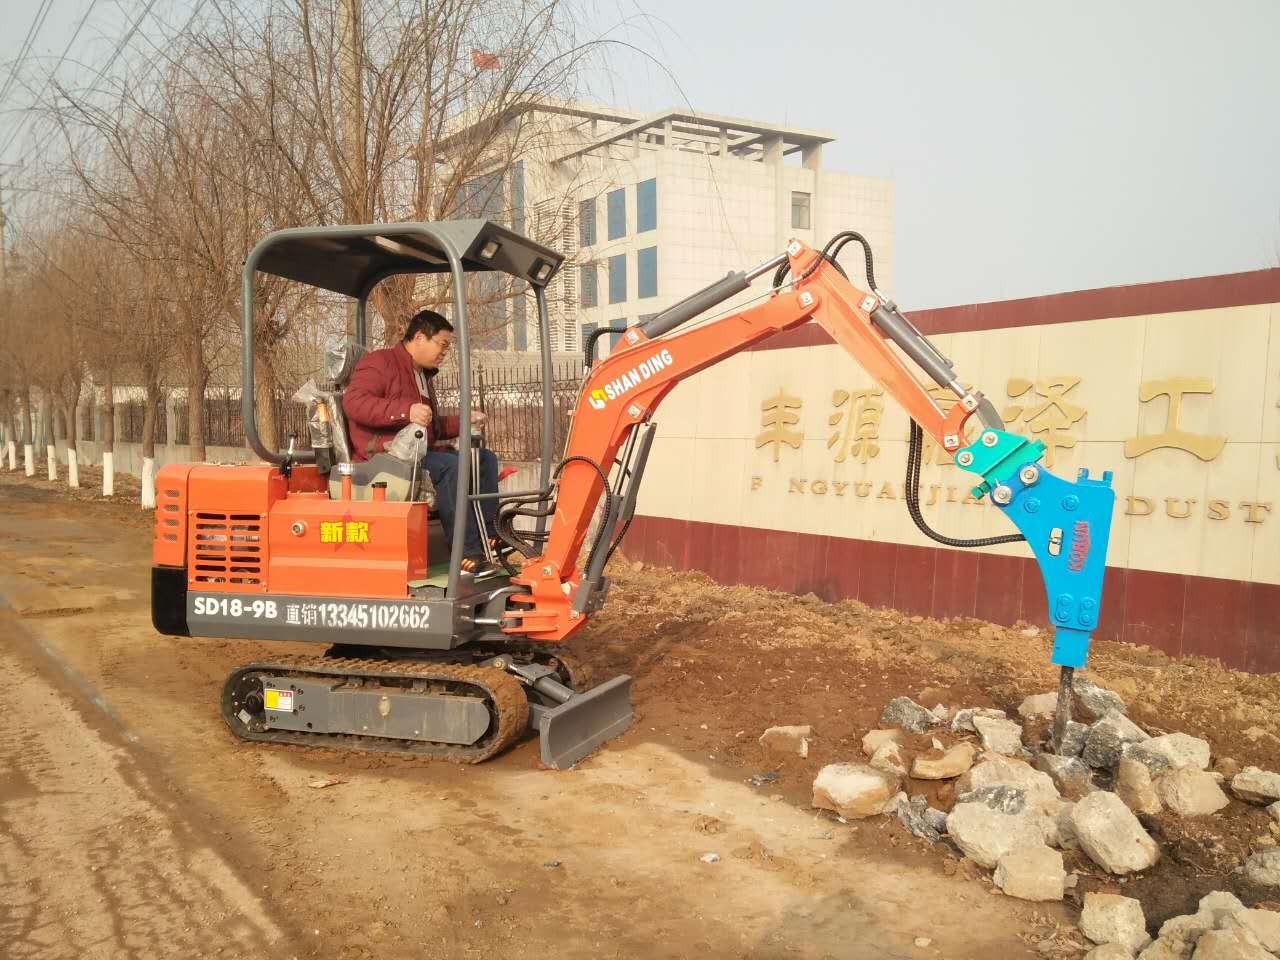 SD18-9B小型挖机破碎作业